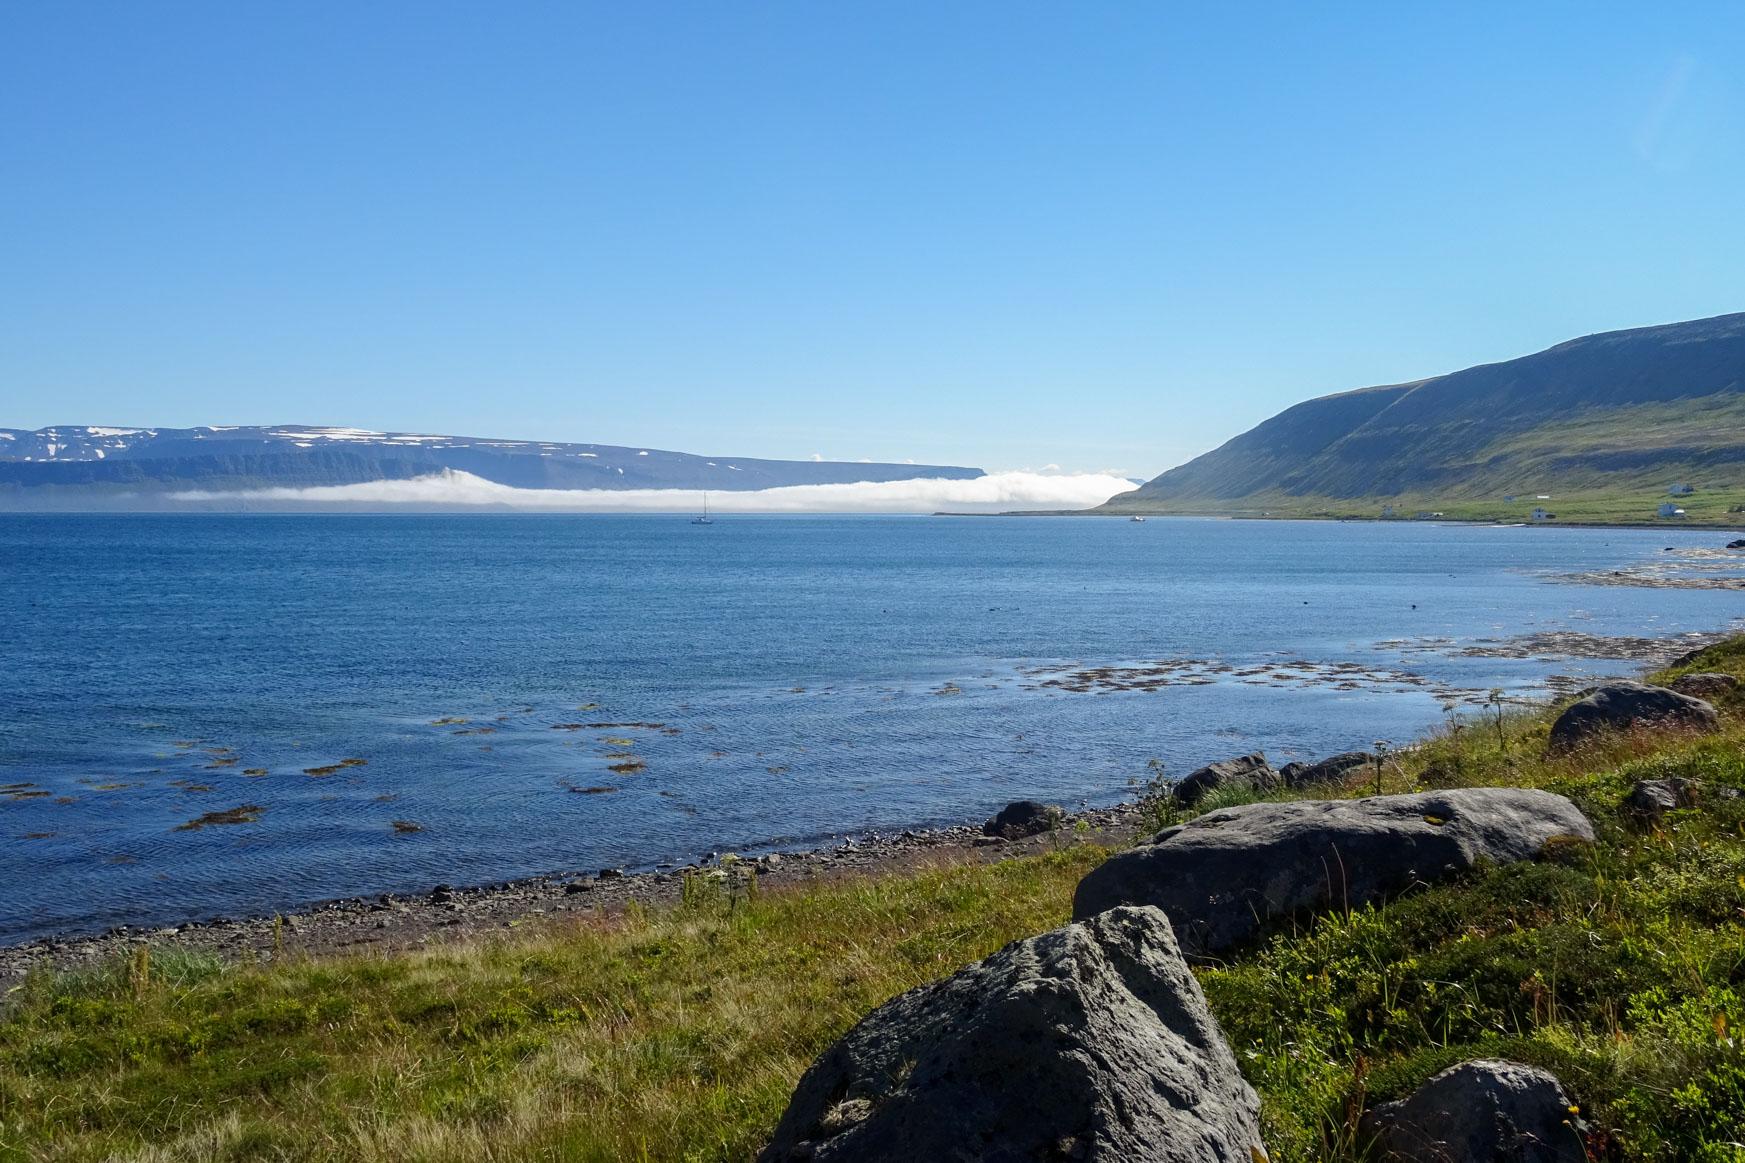 Nebel zieht in den Fjord - sieht aus wie wie Sahne